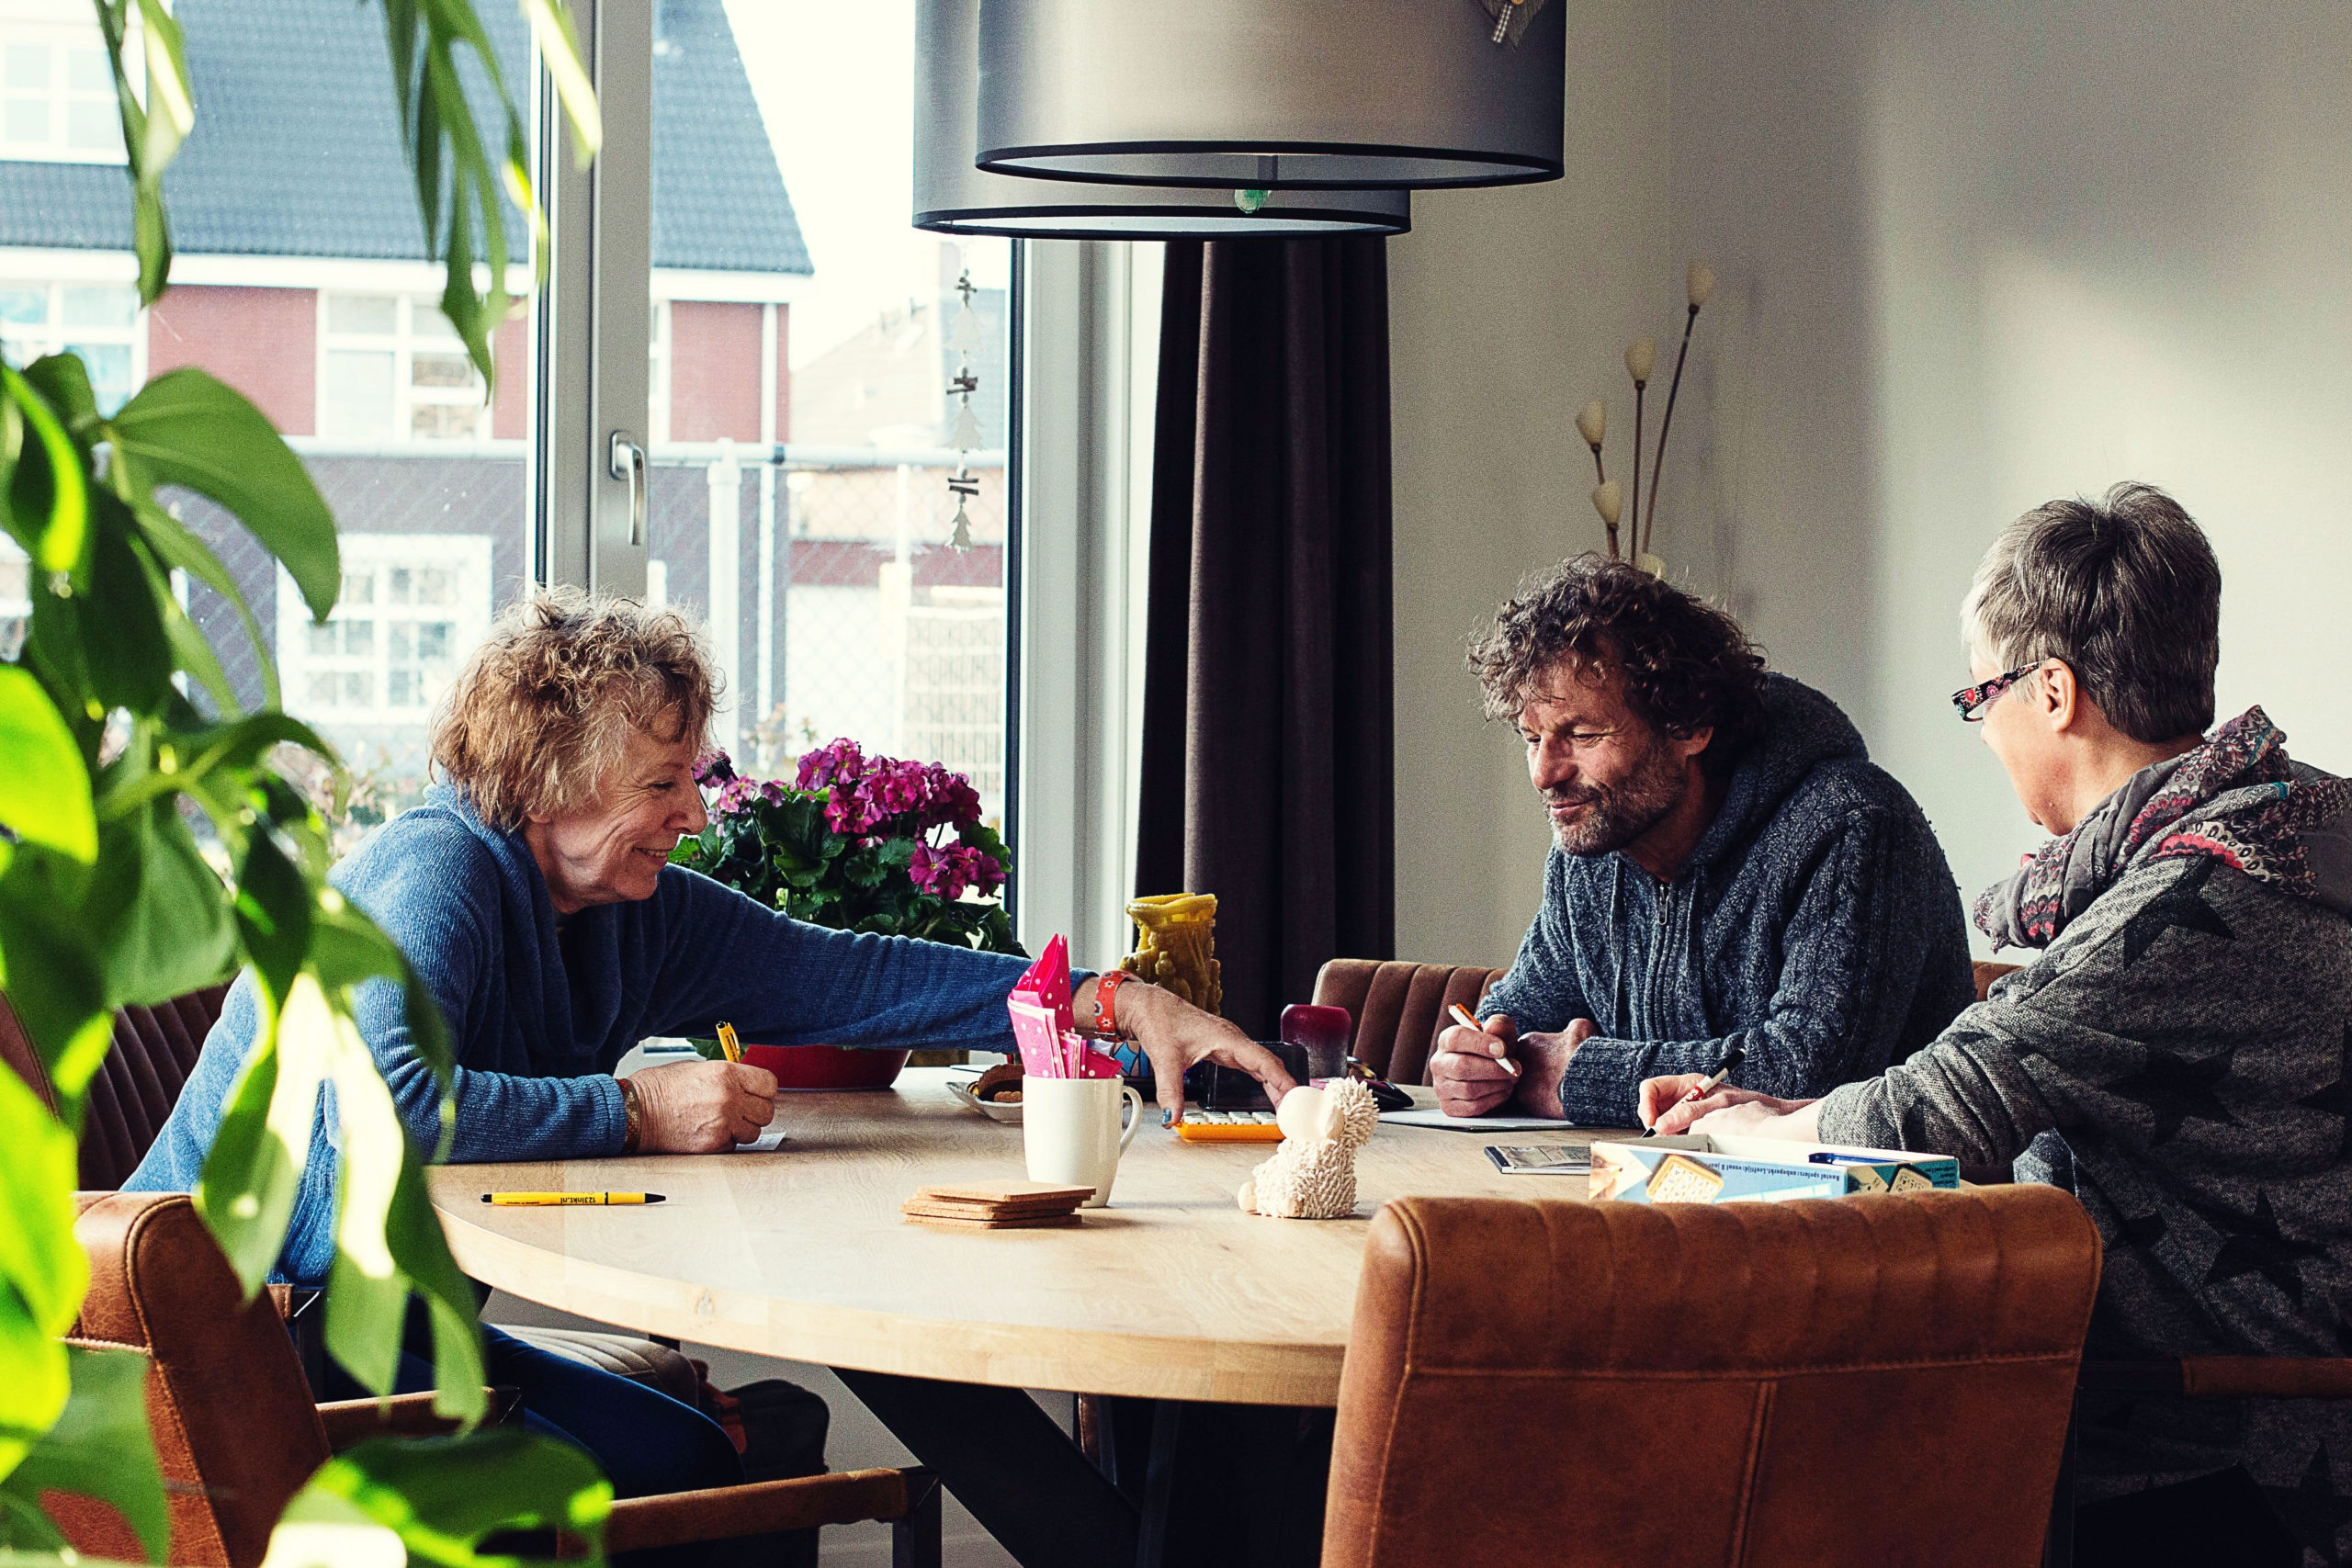 Wonen in een 'studentenhuis' voor zestigplussers